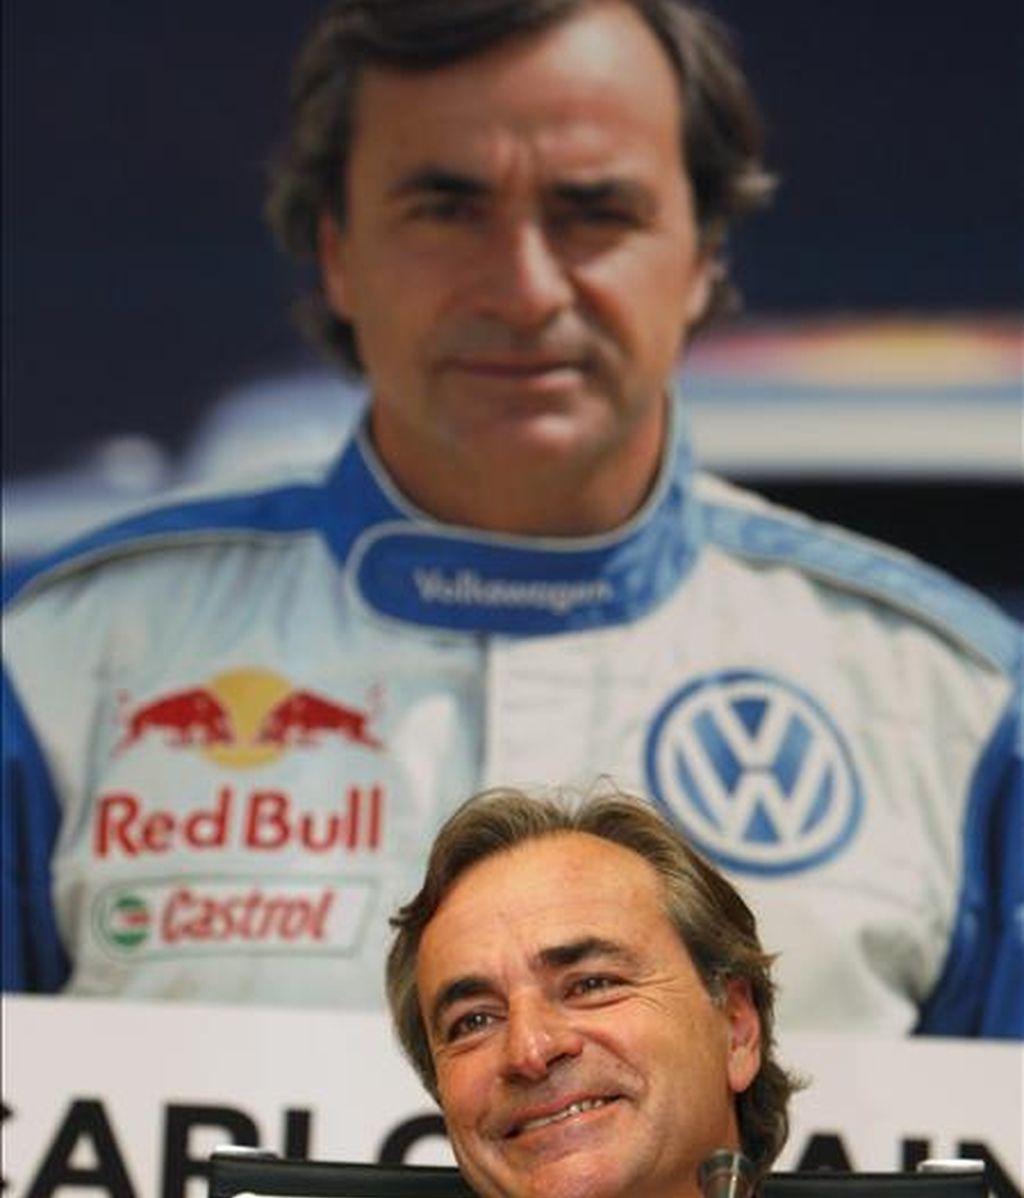 """El piloto Carlos Sainz, durante la presentación del libro """"Vencer al desierto"""", obra del periodista Manuel Franco. EFE"""